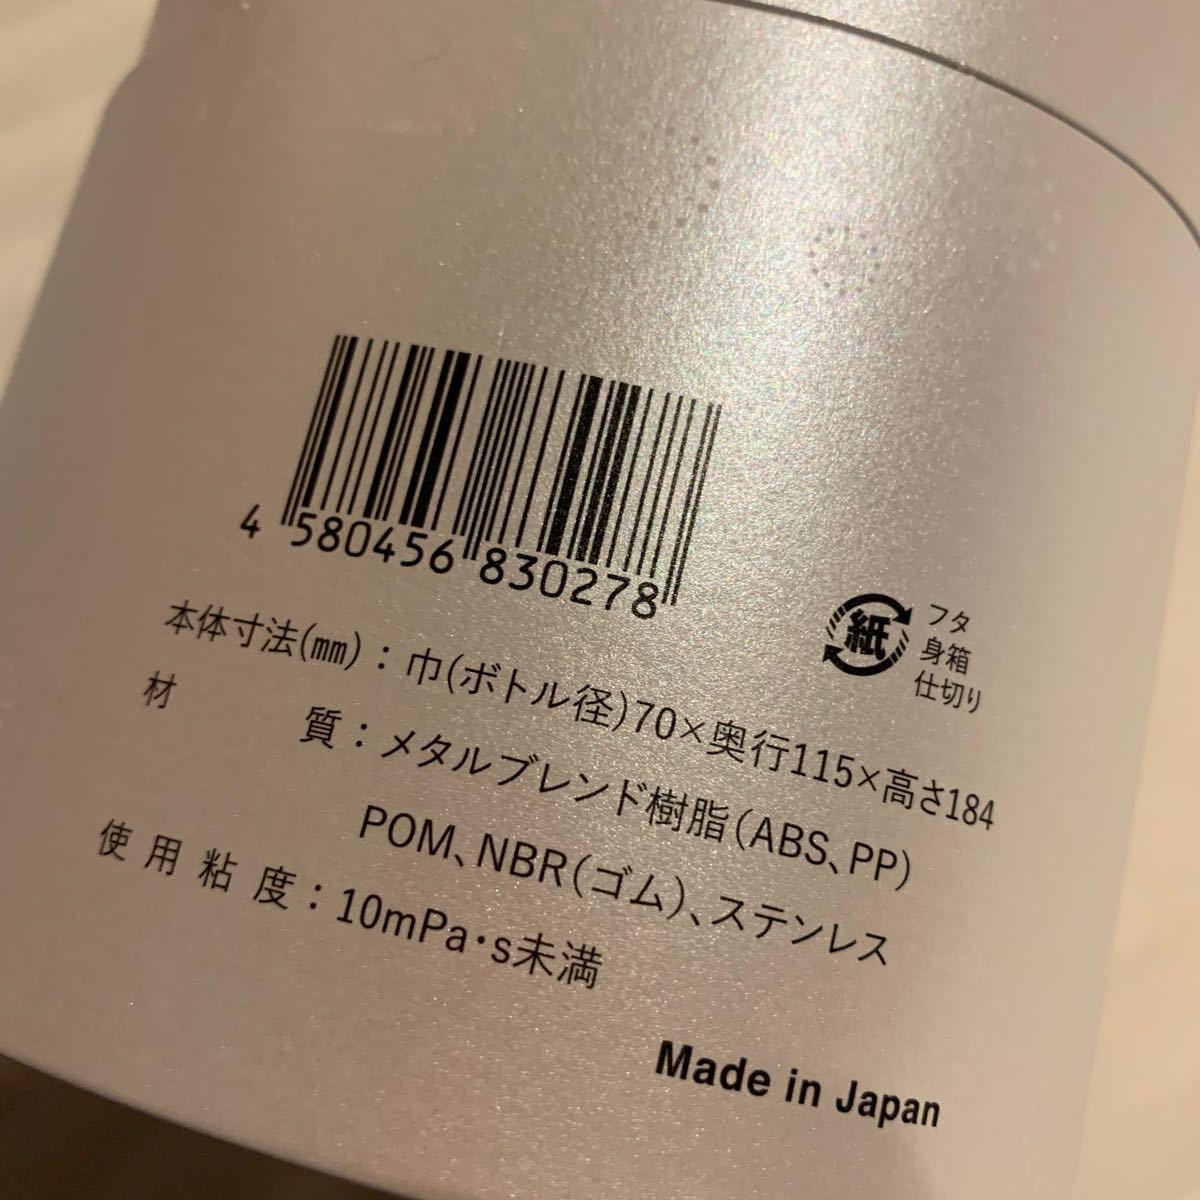 ミラブルケア 美容機器 サイエンス 新品未使用